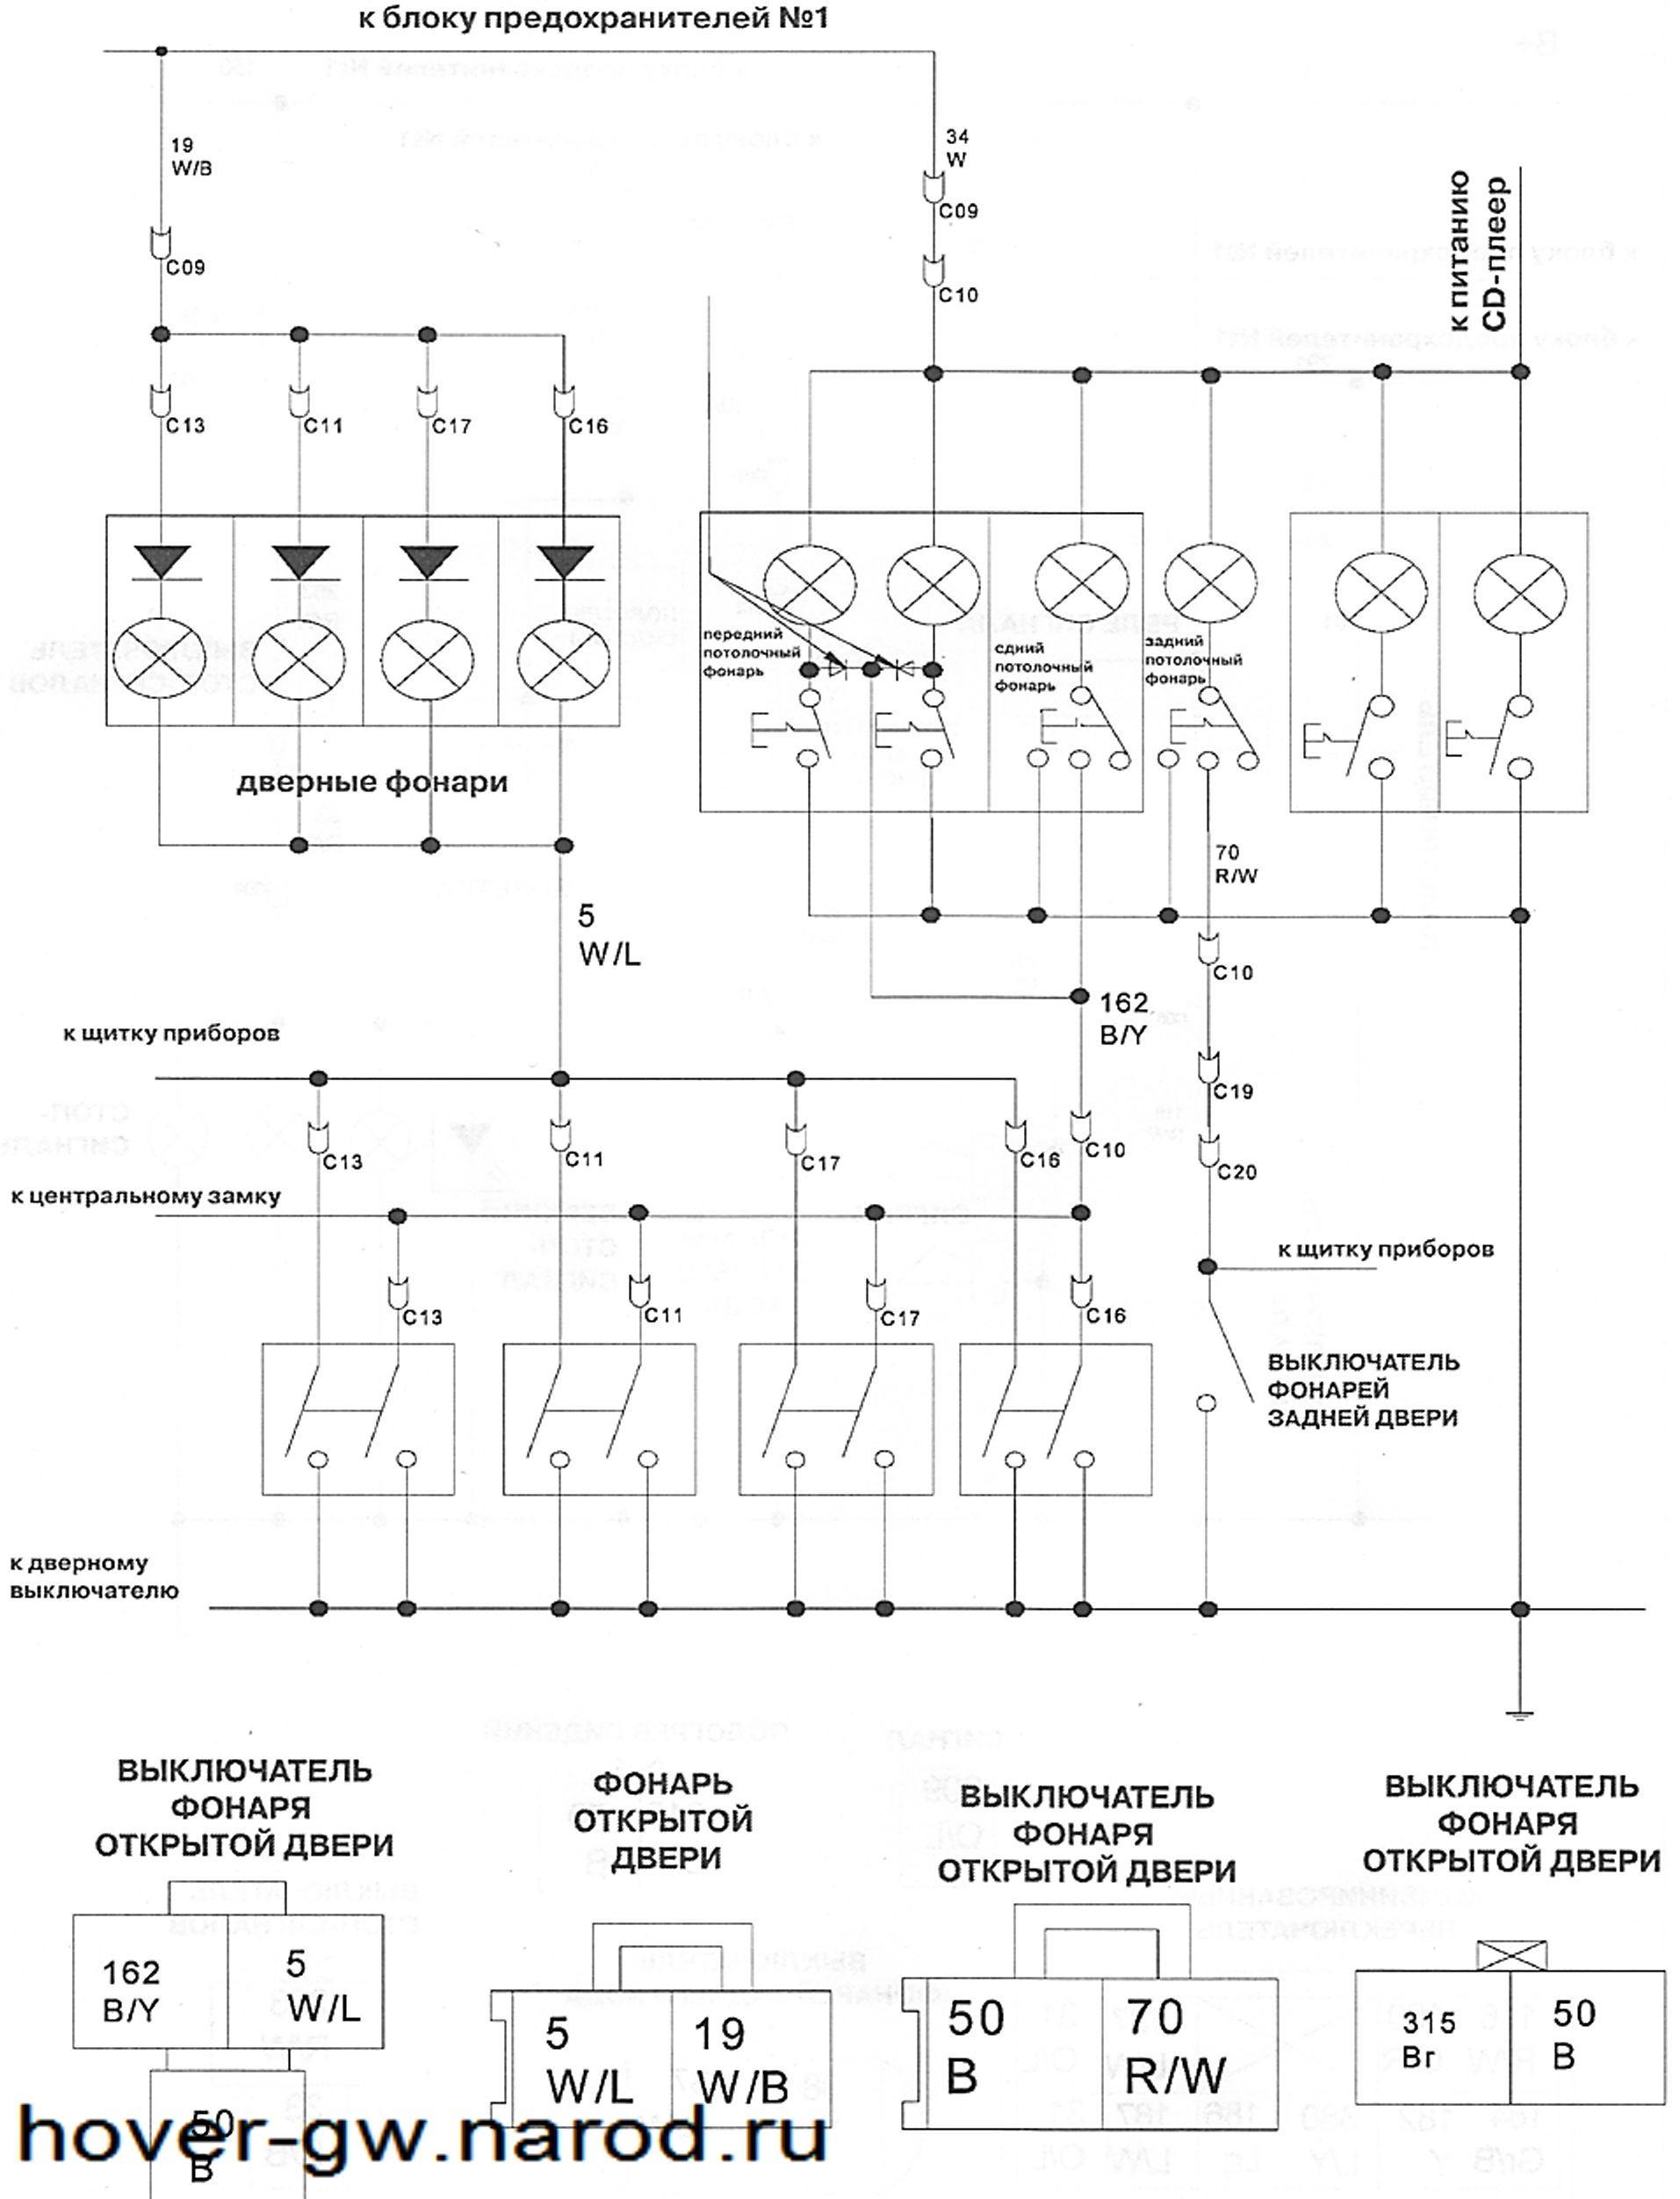 руководство по эксплуатации автомобиля новер н3